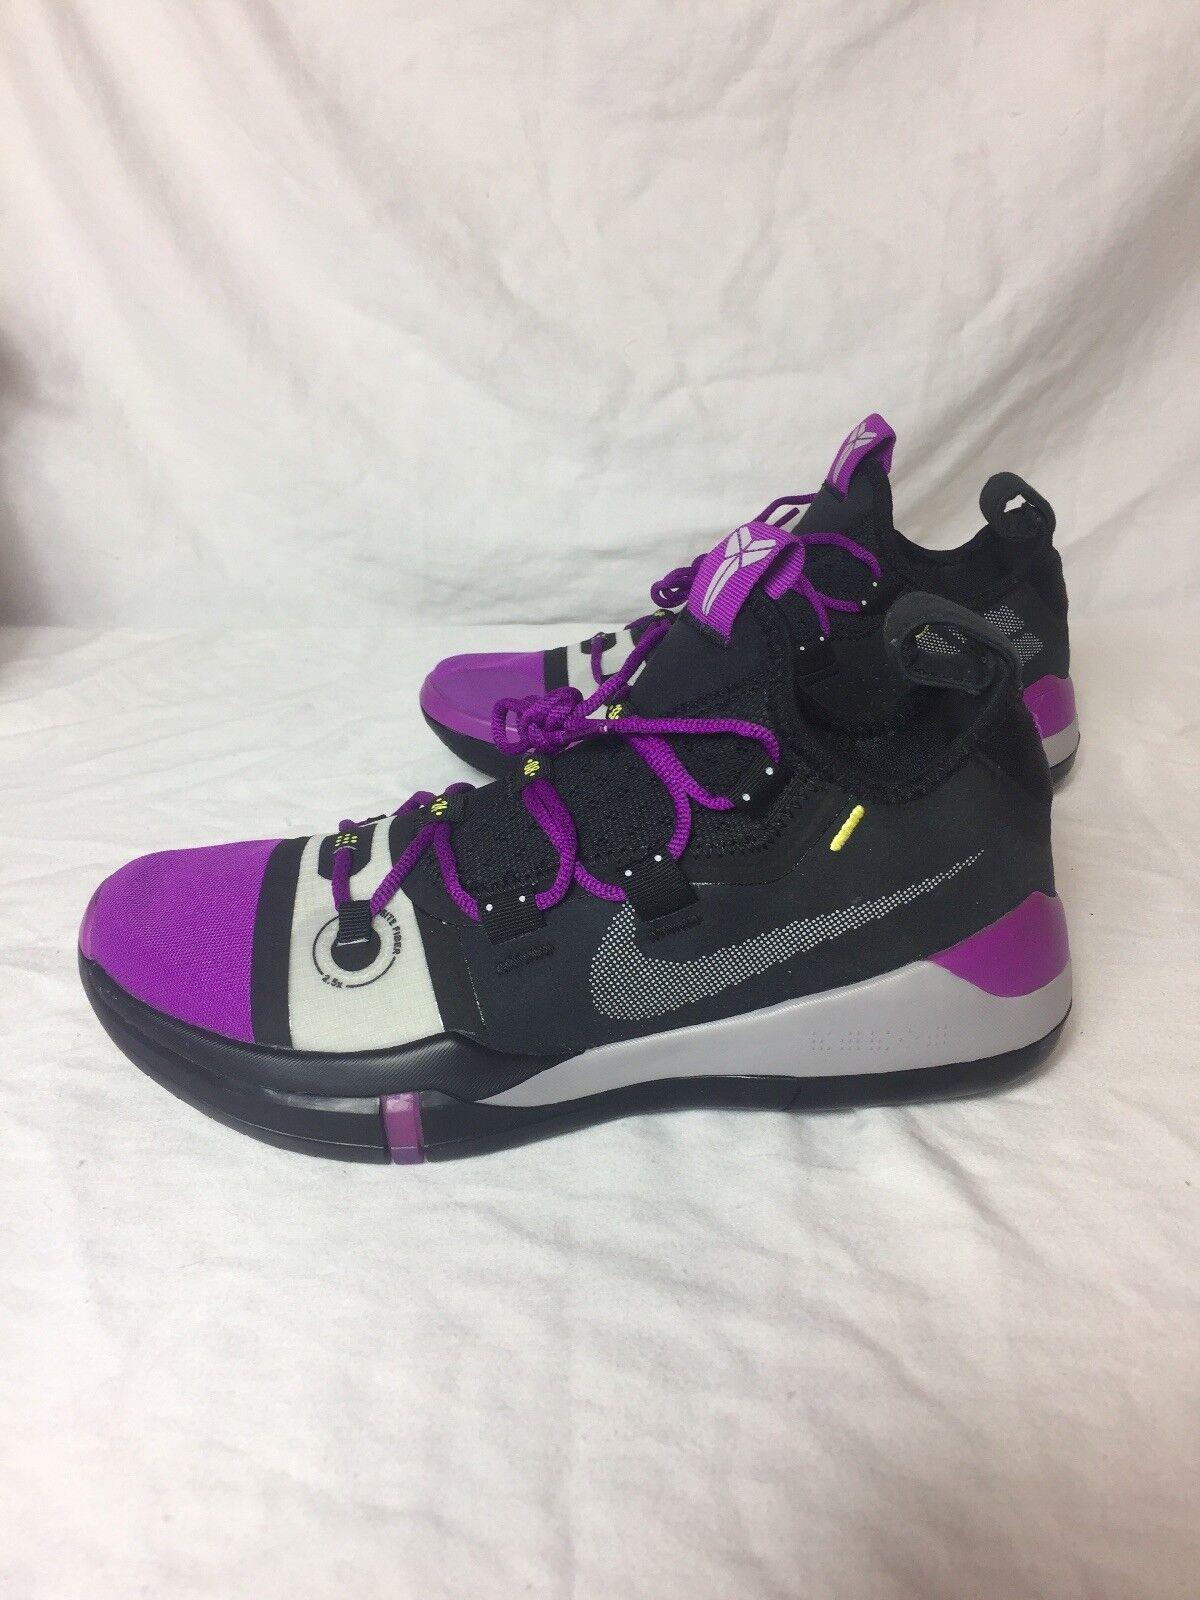 Nike Air Kobe Bryant AD Exodus Black Vivid Purple AV3555-002 A.D. Size 8.5